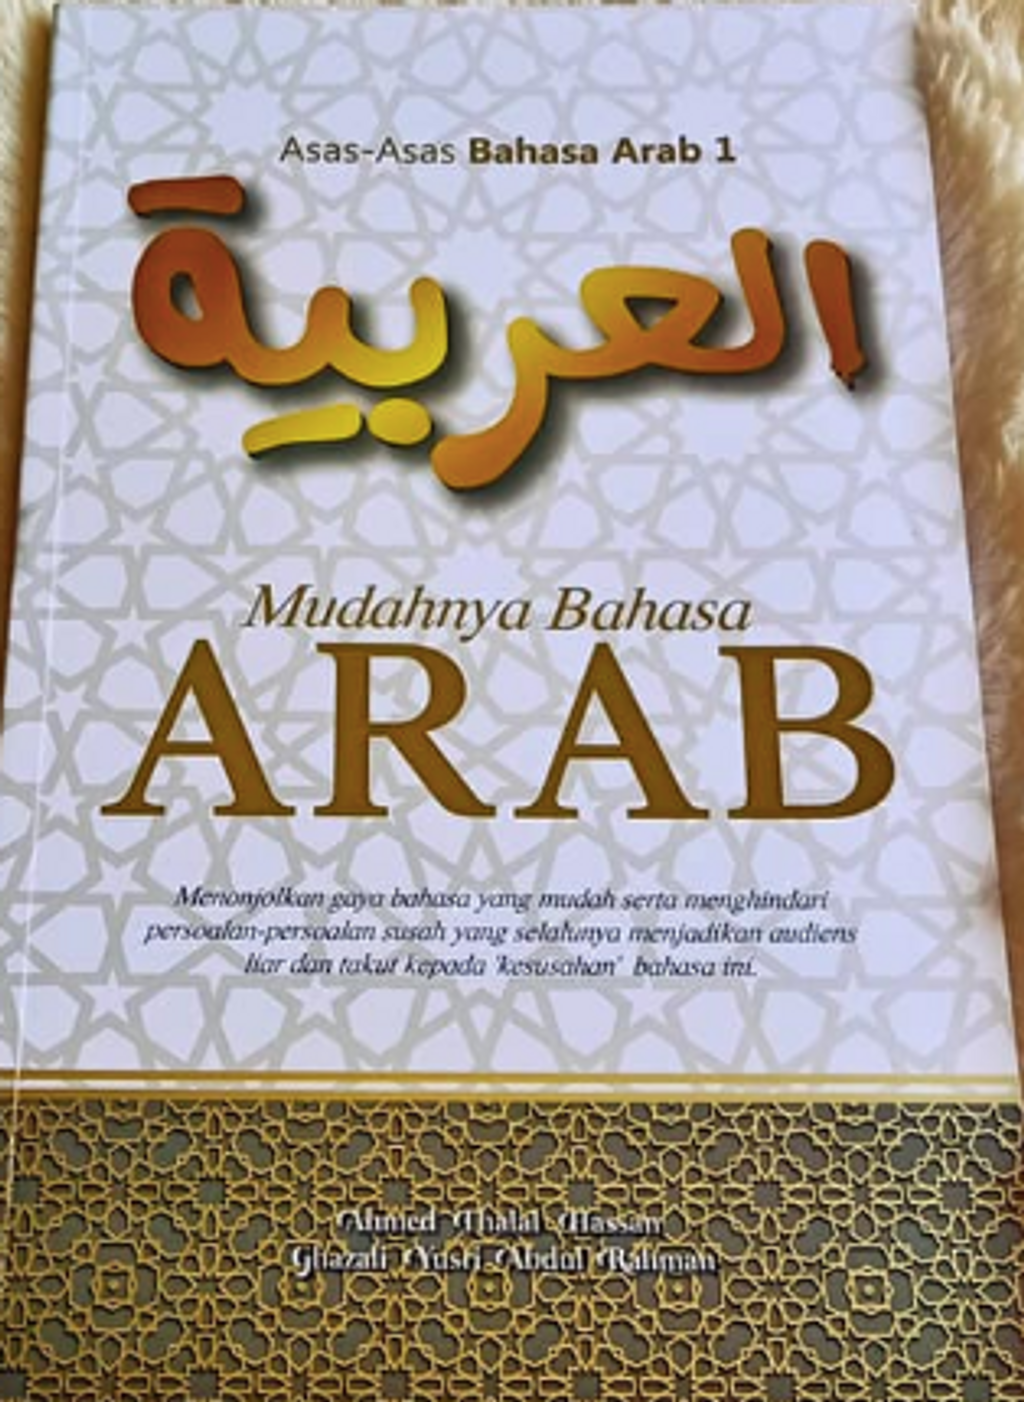 UMK - Bhs Arab.png